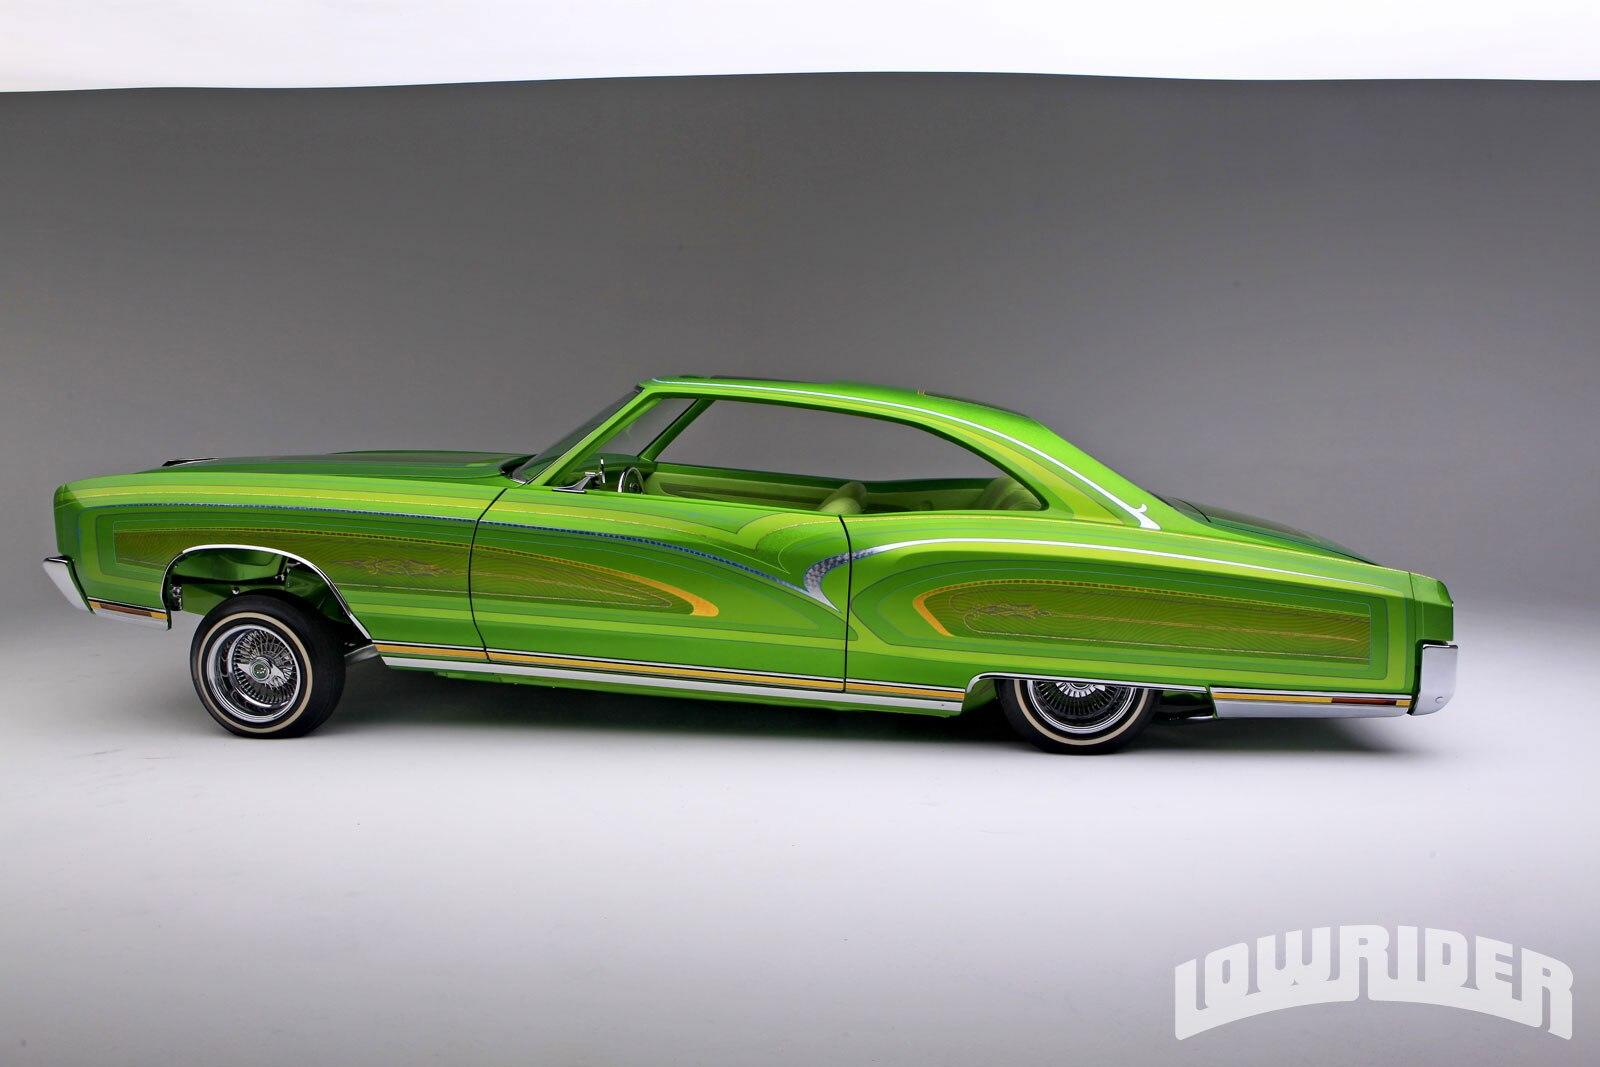 1208-lrmp-16-o-1972-chevrolet-monte-carlo-driver-side-profile1